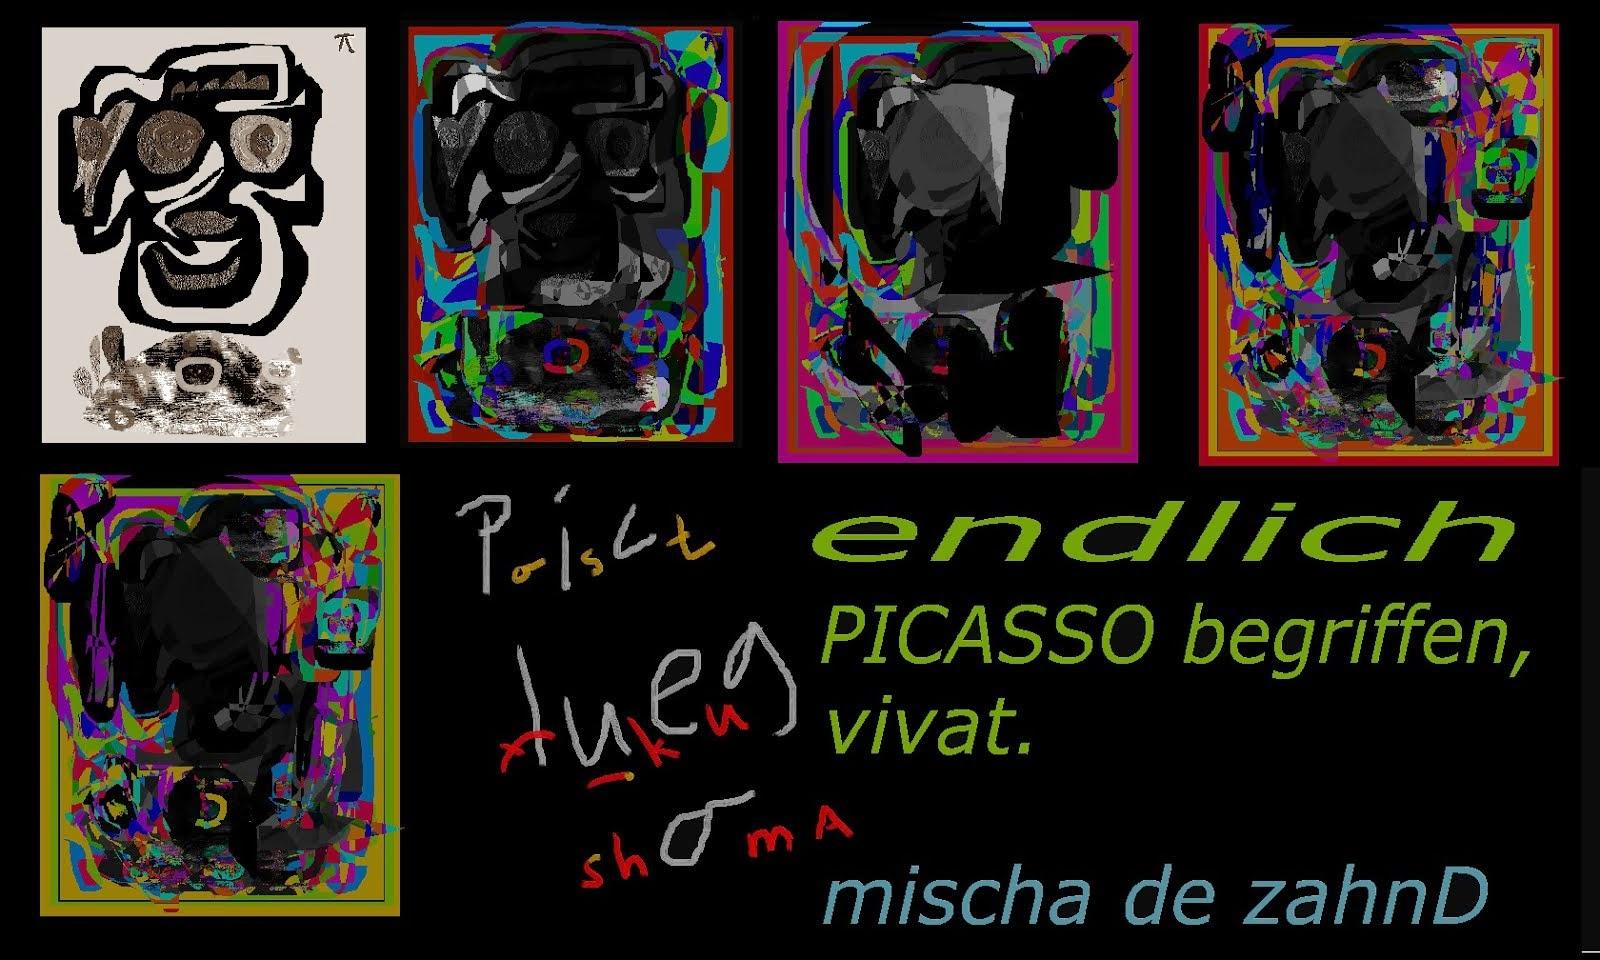 le cinquième Elément besson PICASSO art mischa vetere nano